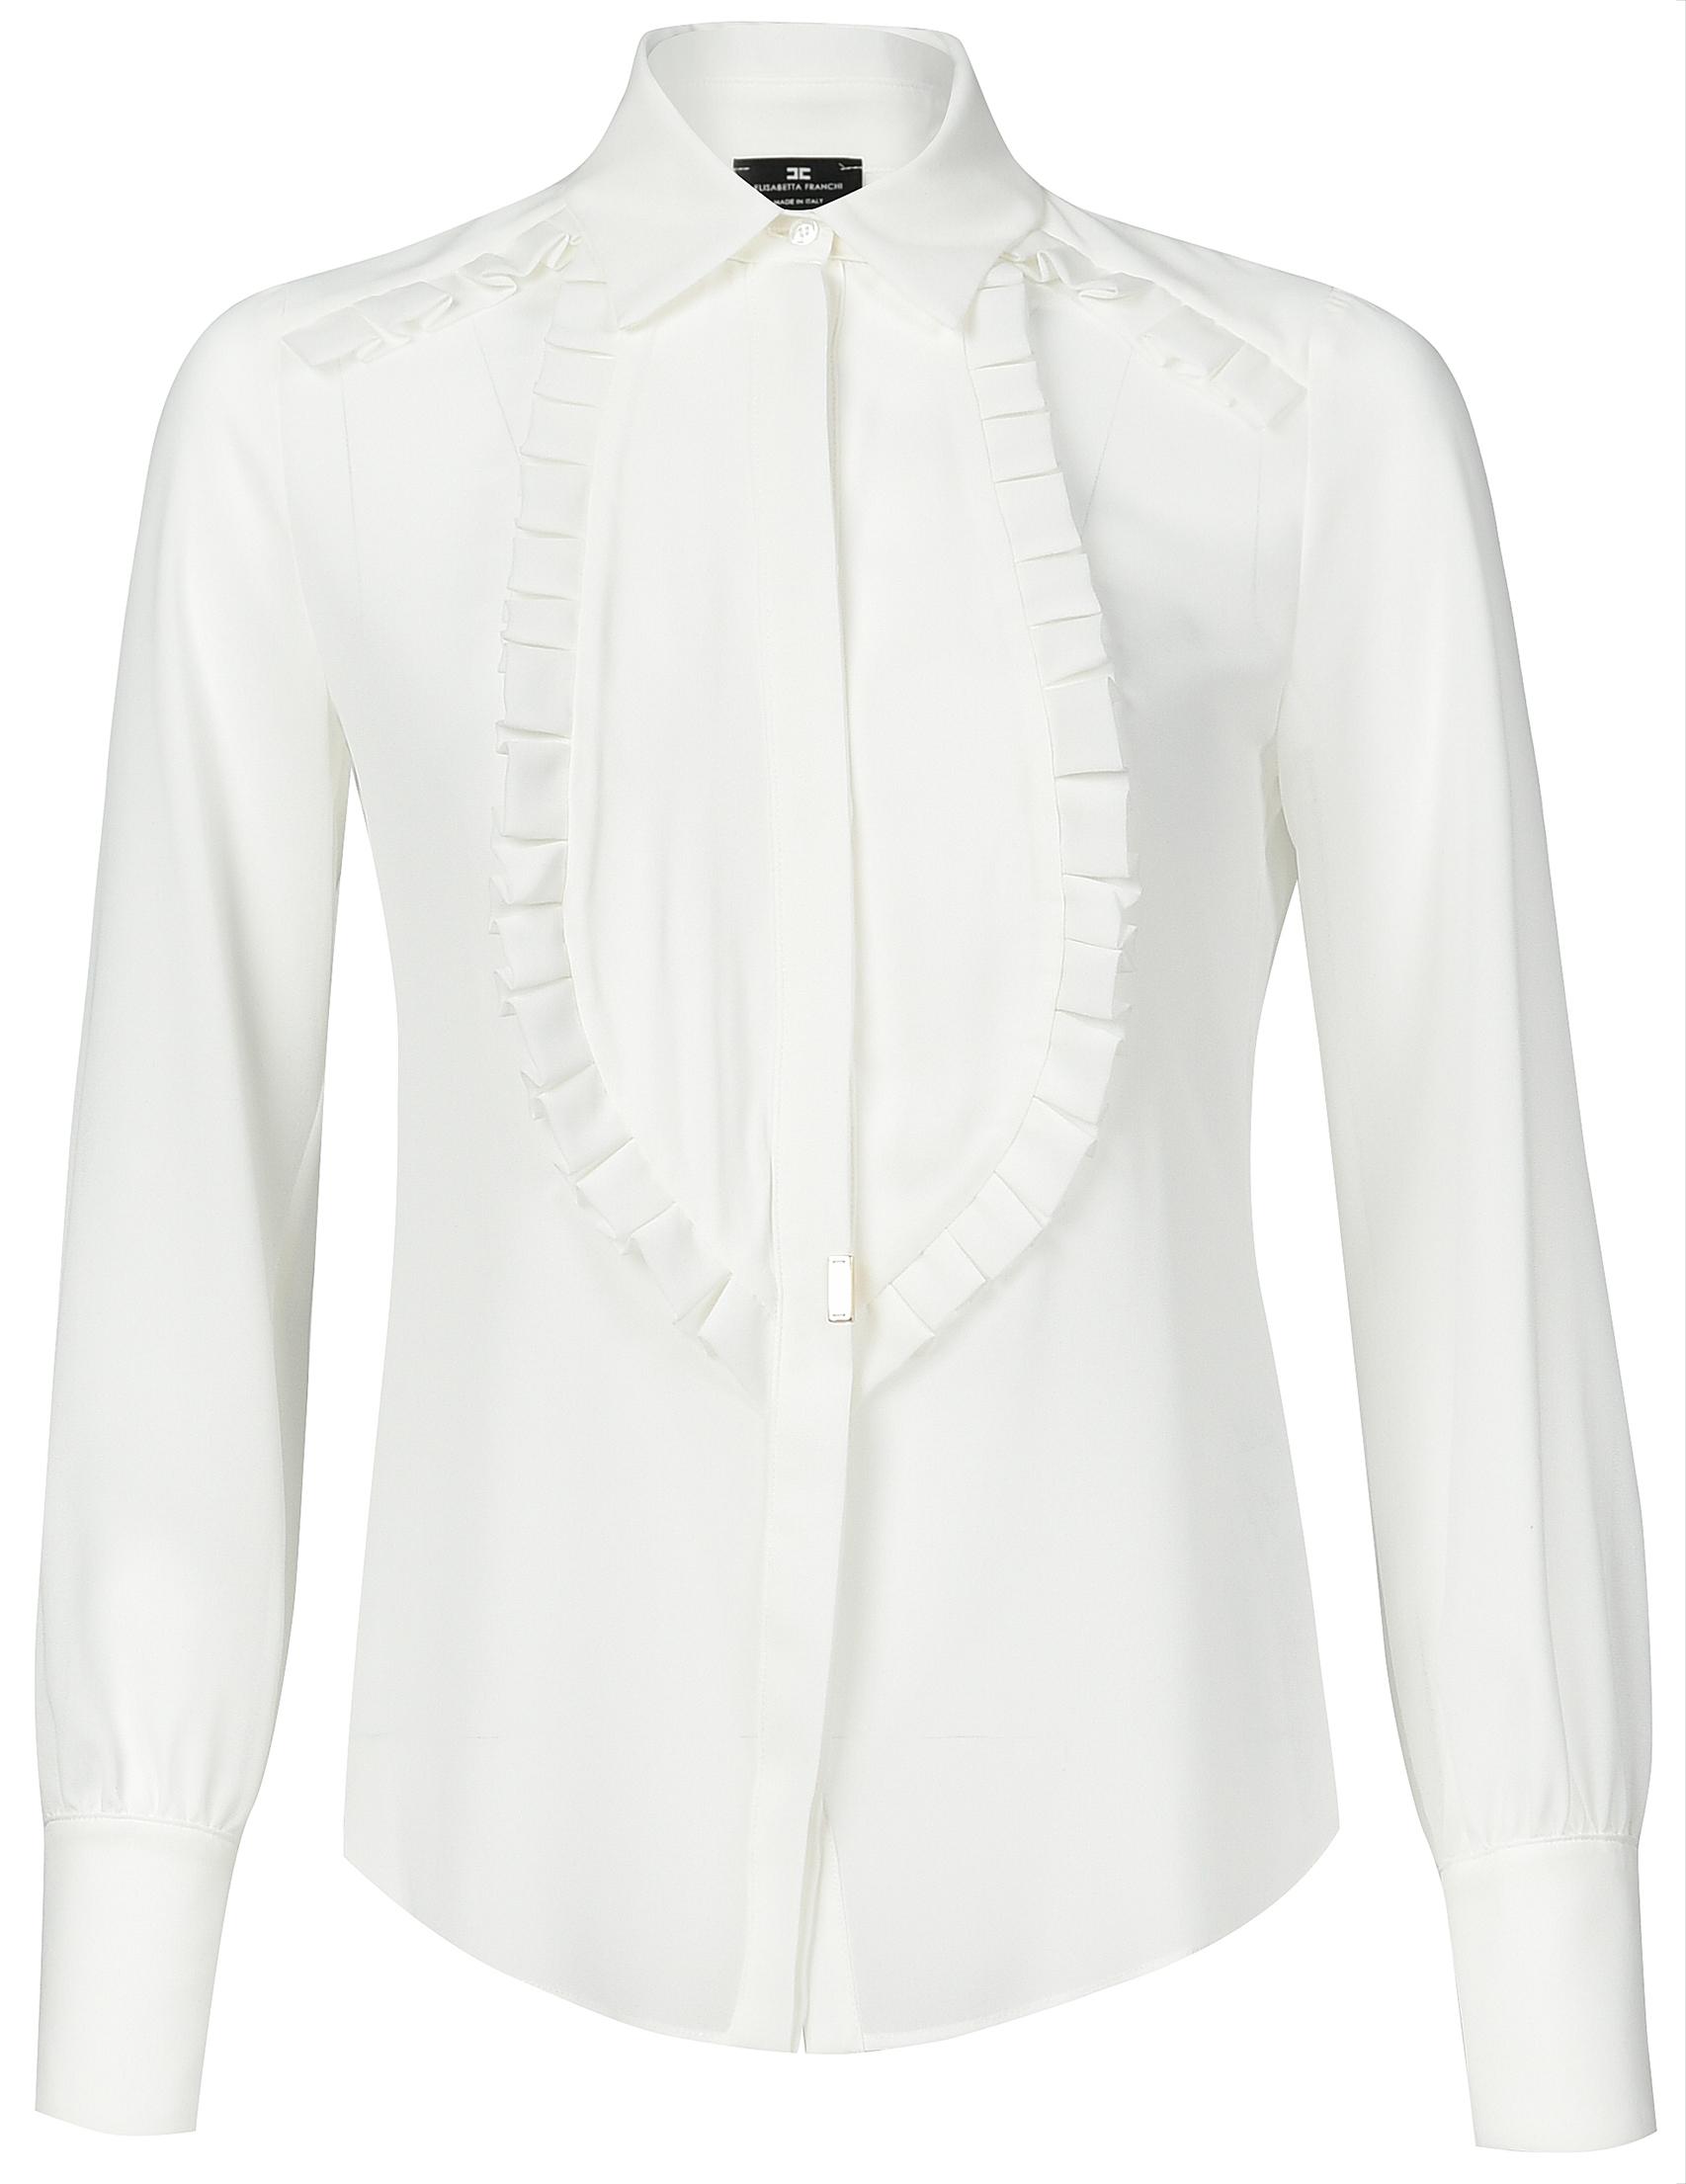 Купить Блуза, ELISABETTA FRANCHI, Белый, 100%Полиэстер, Осень-Зима